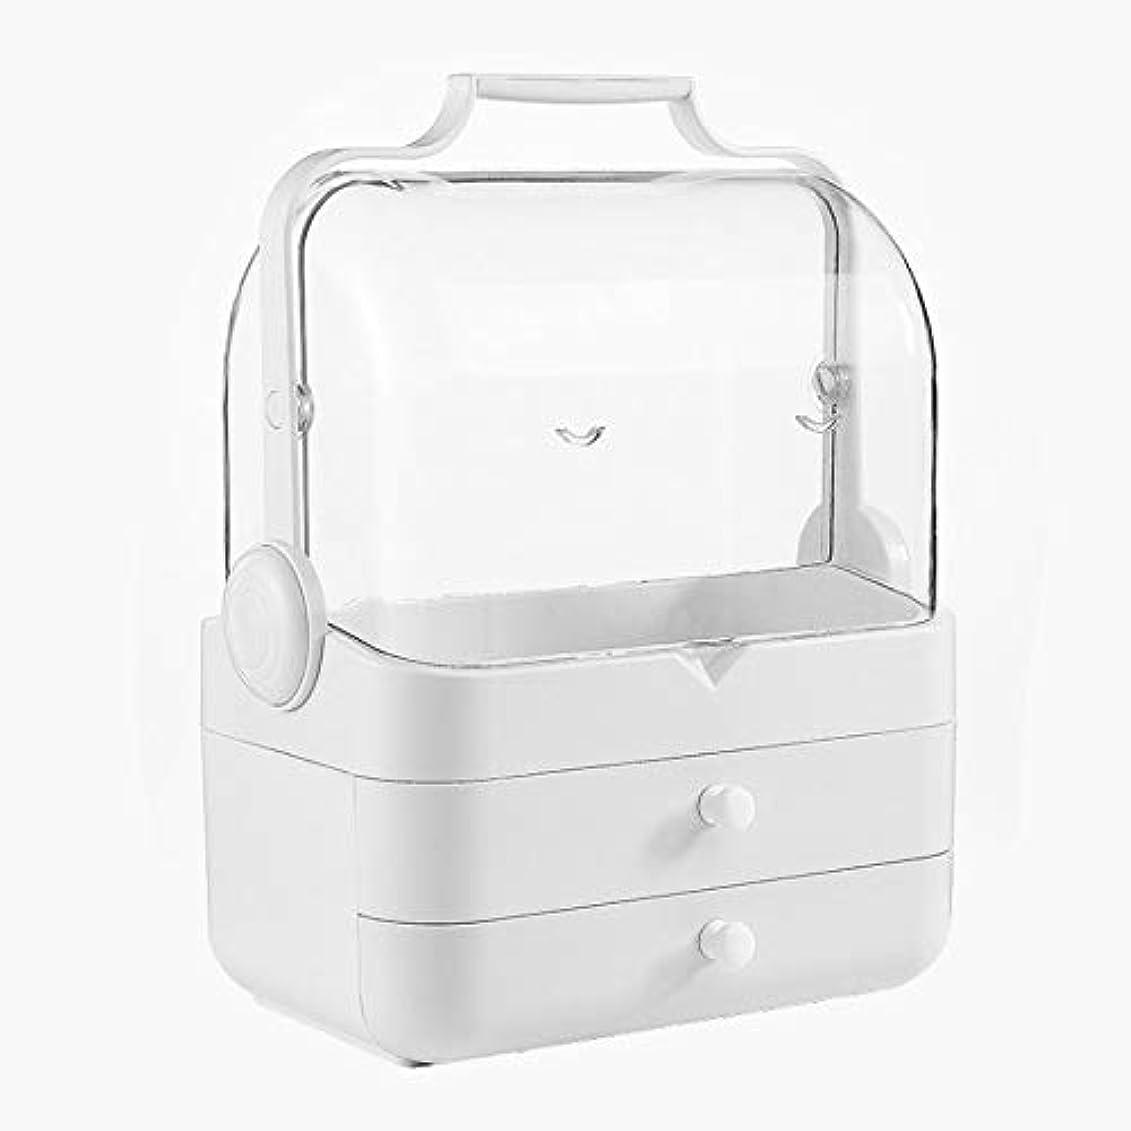 たっぷりエゴマニア地上で化粧箱、白い大容量フリップ防塵化粧品ケース、ポータブル旅行化粧品ケース、美容ネイルジュエリー収納ボックス